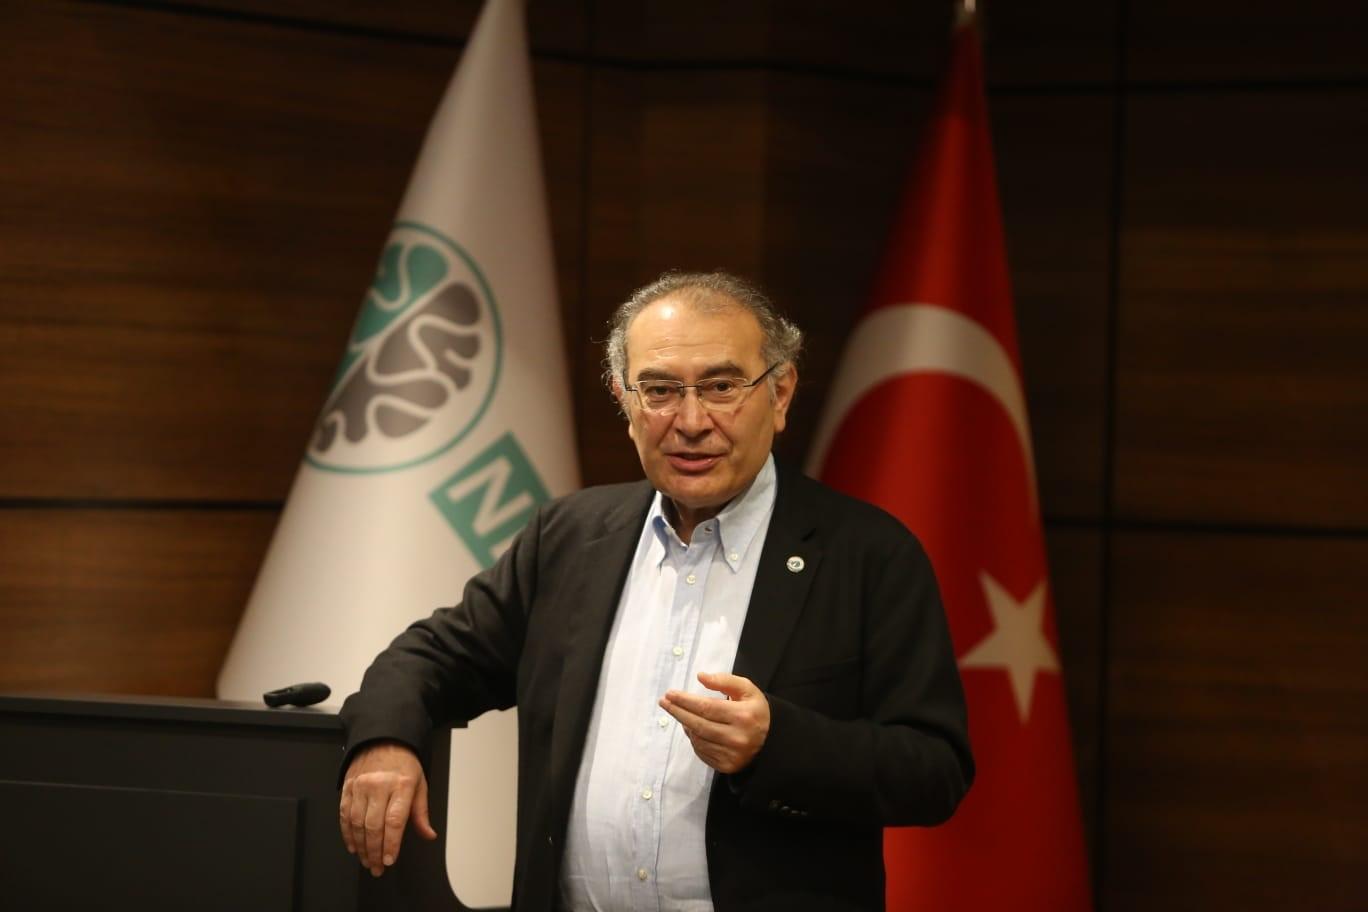 Almanya'daki Türk hekimler önemli bir referans oluyor